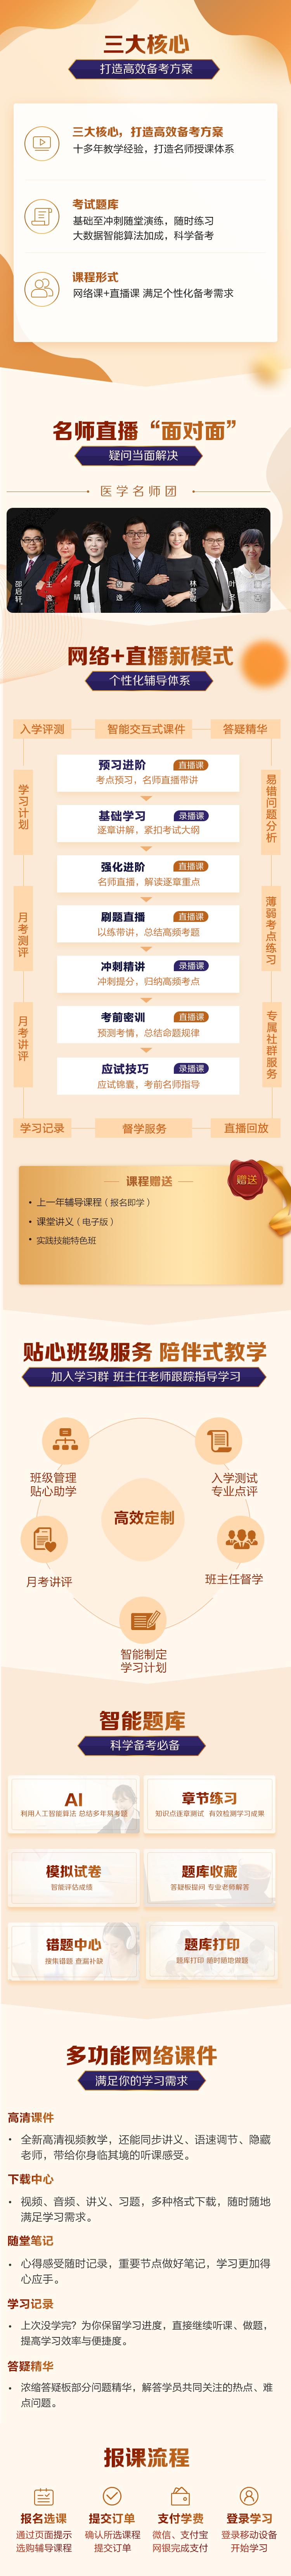 医学教育网中西医执业医师高效定制班